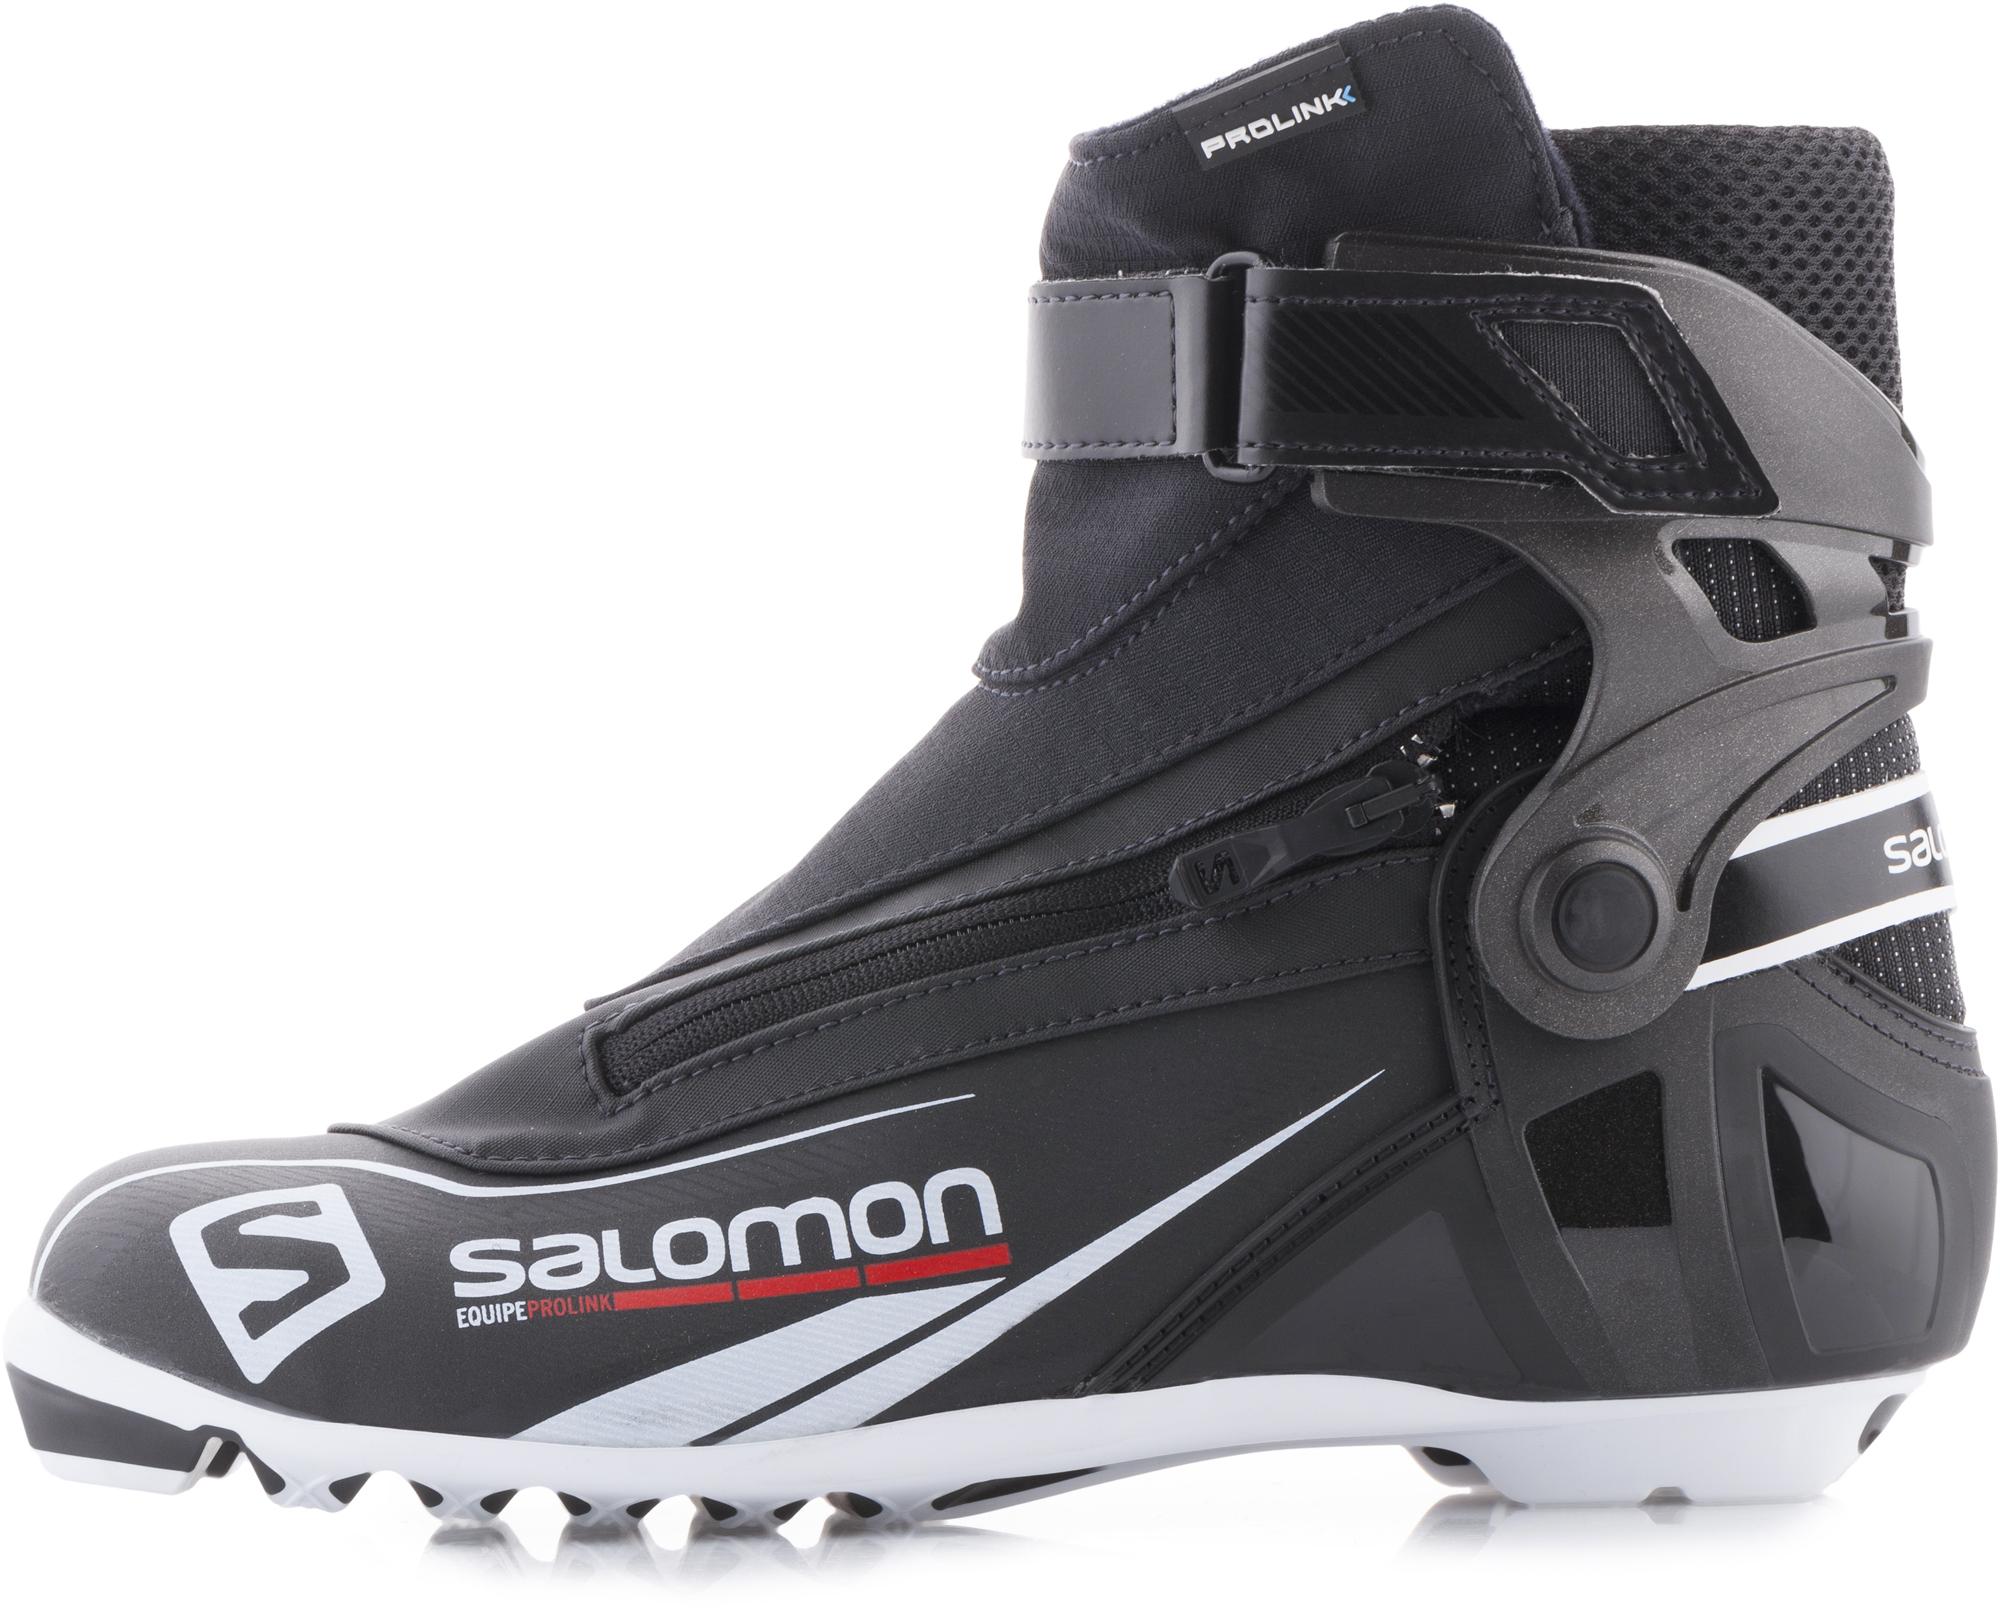 Salomon Ботинки для беговых лыж Salomon Equipe prolink, размер 41